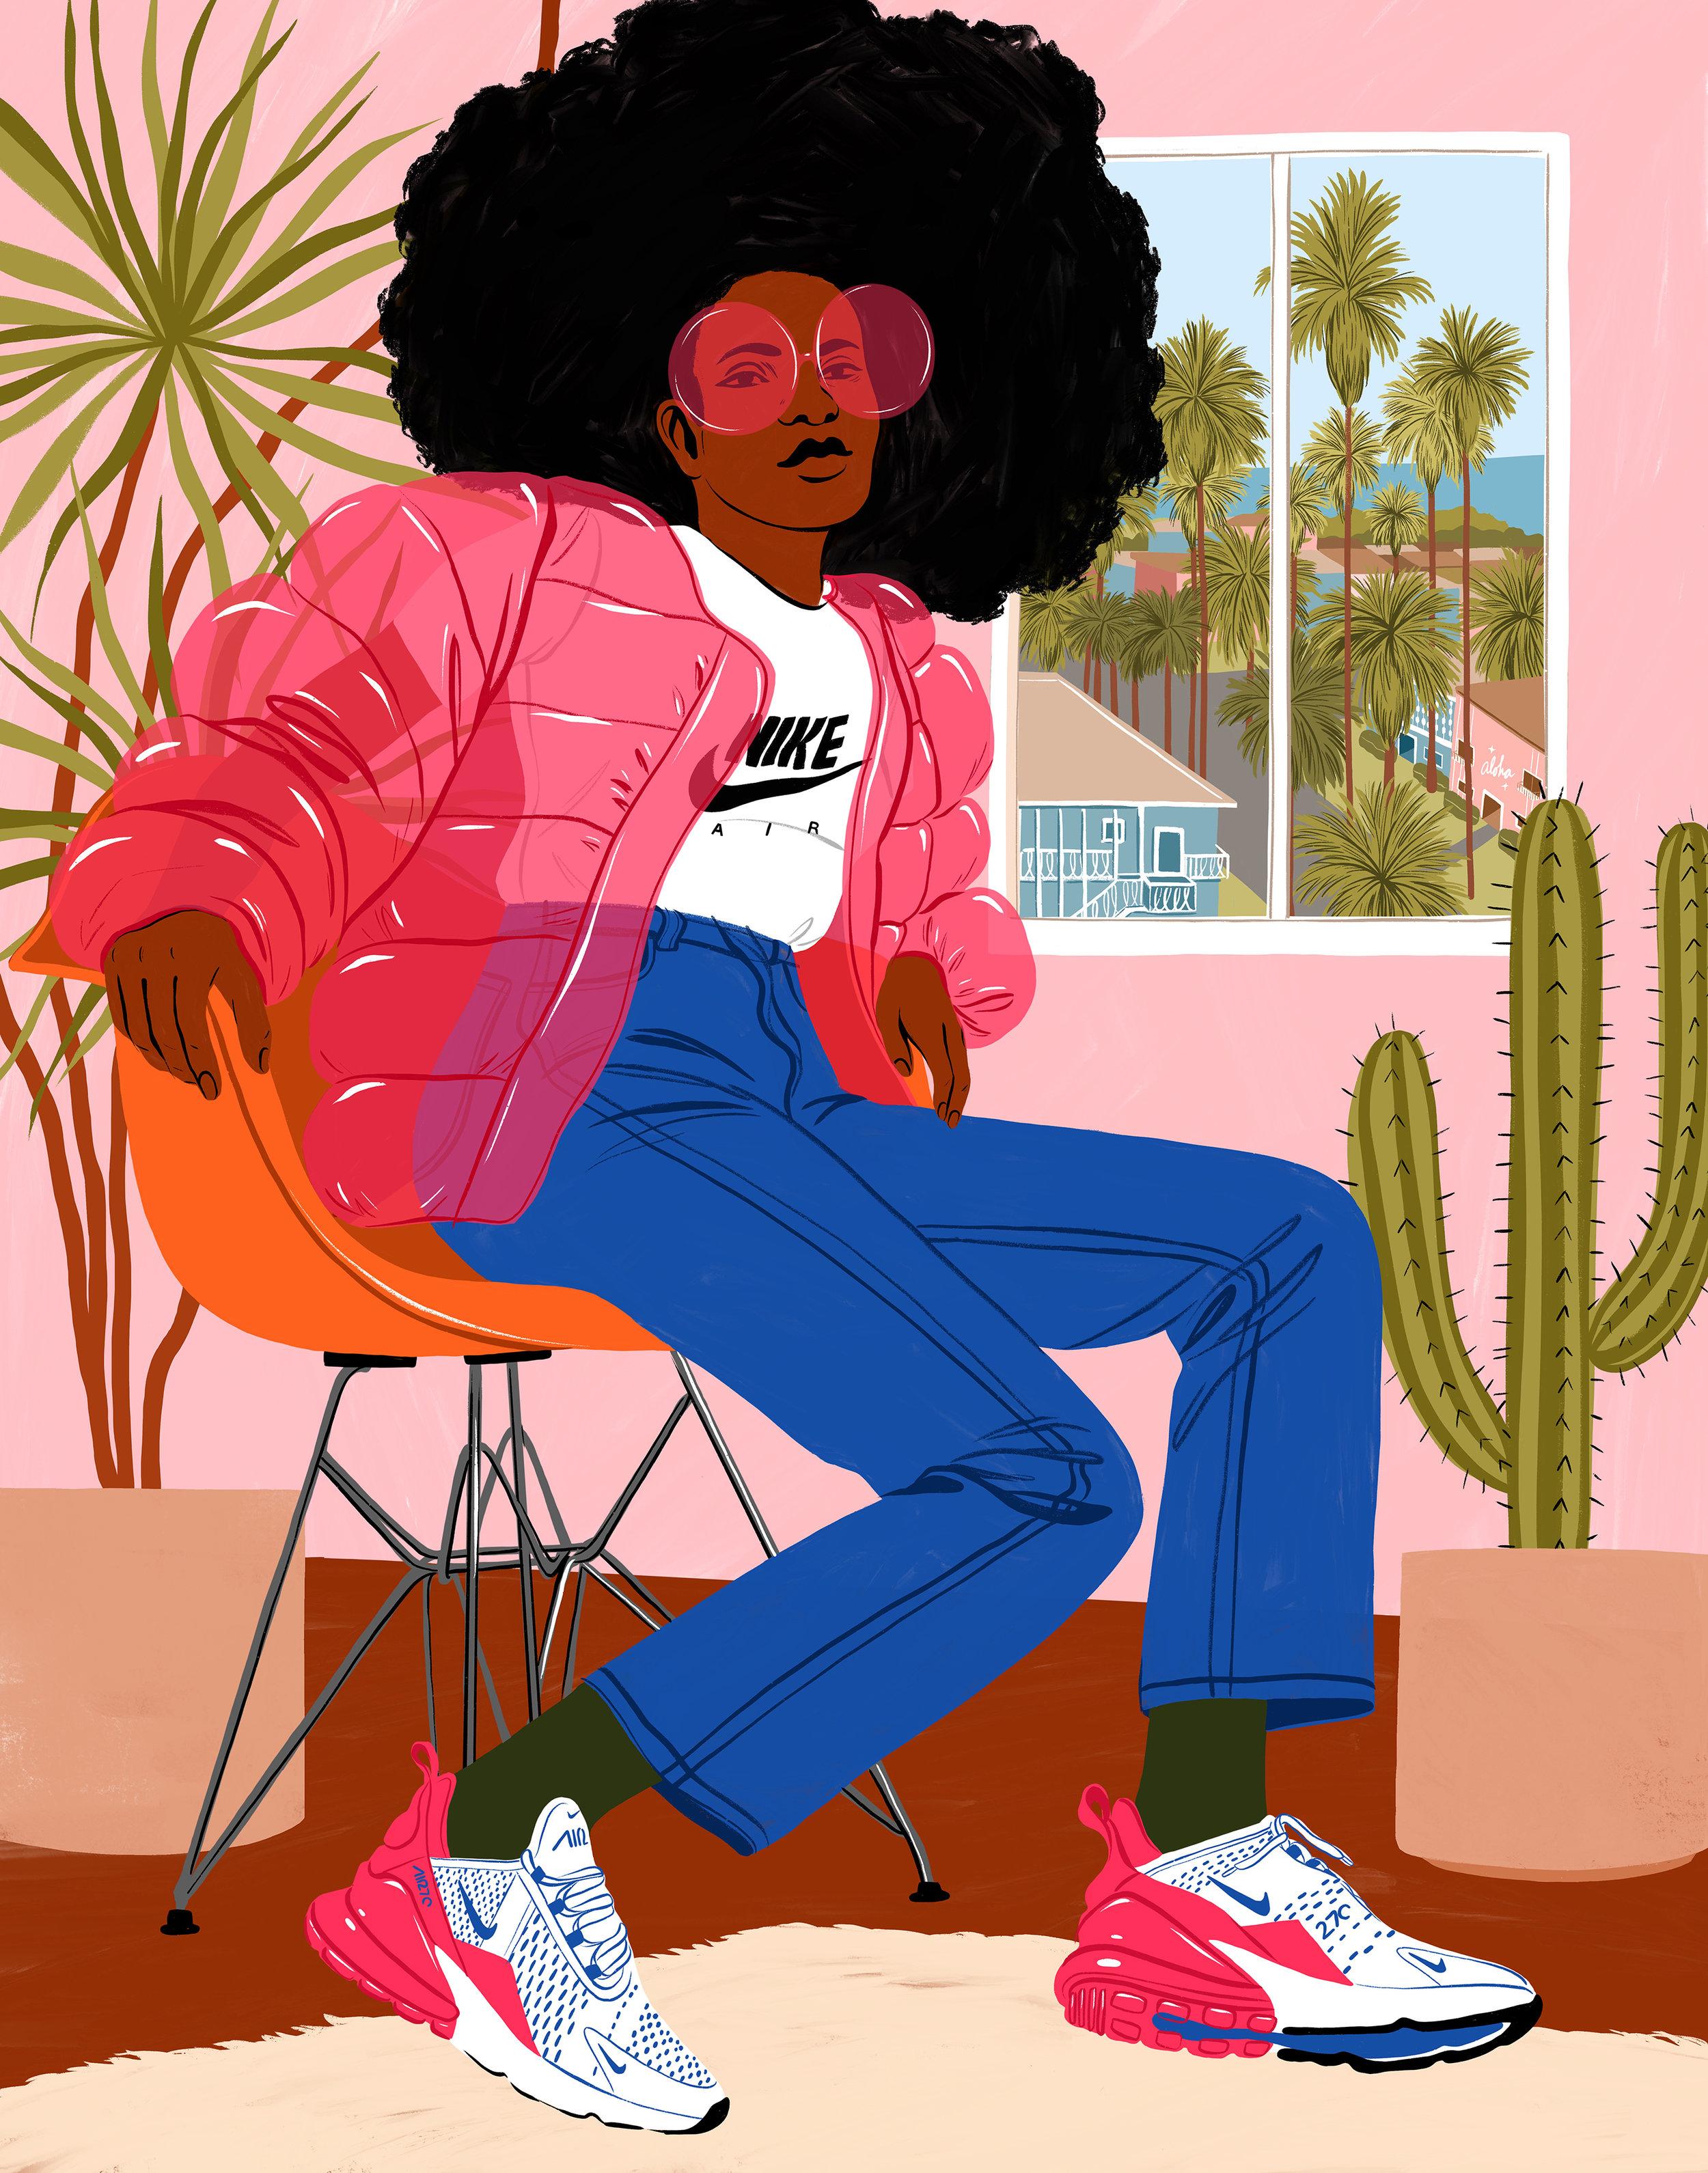 Bijou Karman_Nike_Artwork.jpg